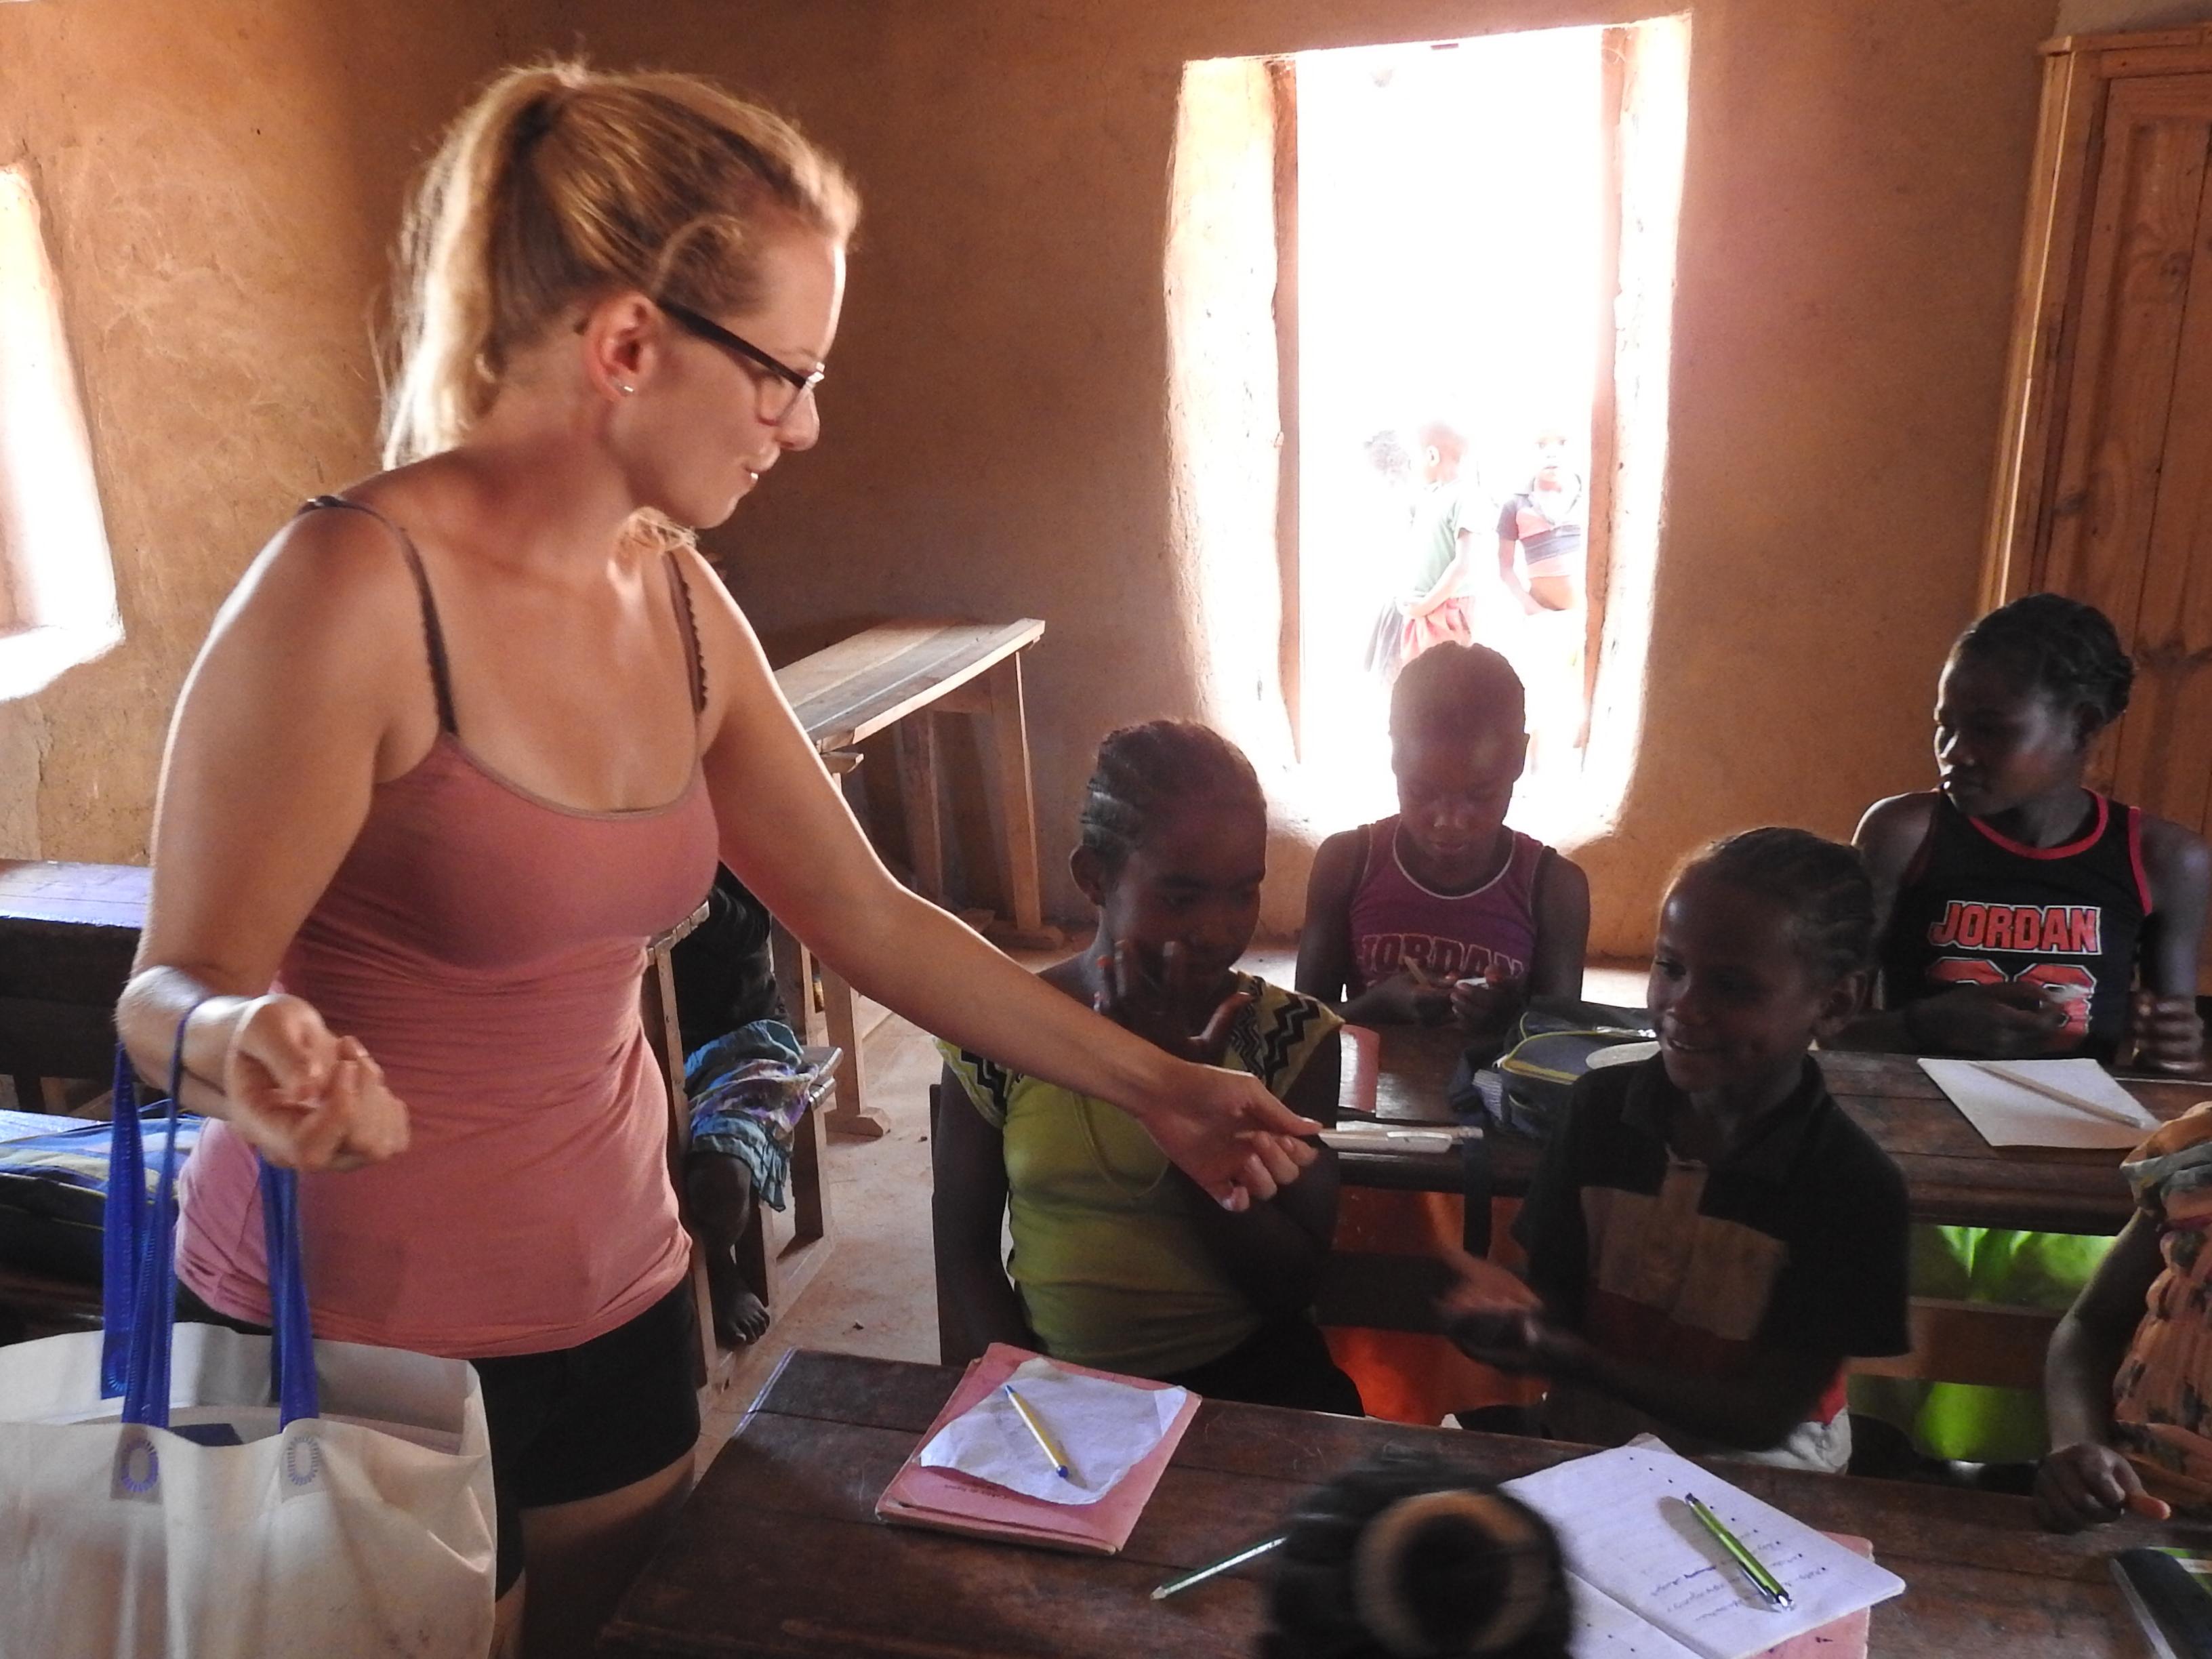 Helfen Sie uns, zu Helfen! Nehmen auch sie Schulmaterialien mit nach Madagaskar und verteilen sie diese in den Schulen - die Dankbarkeit der Kinder ist unendlich...